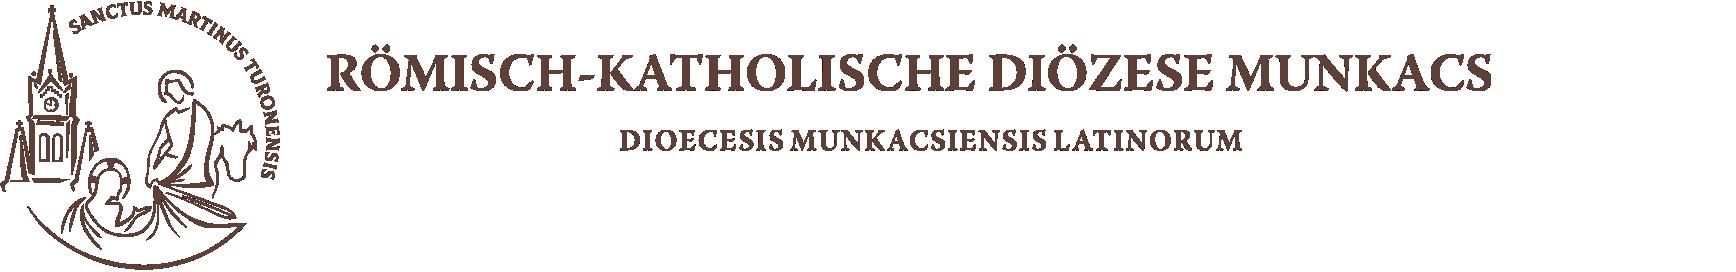 Römisch-katholische Diözese Munkacs